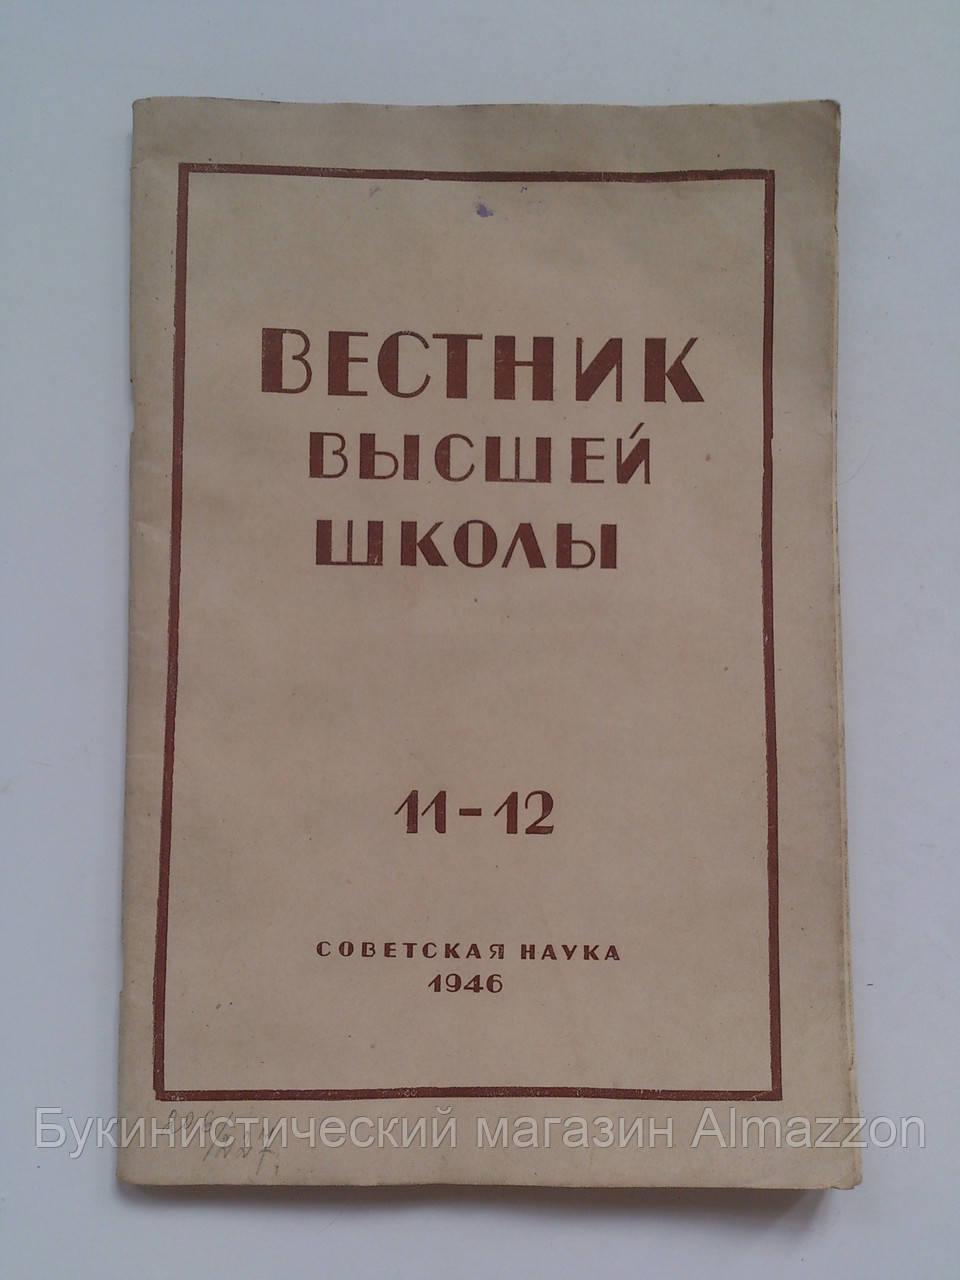 Вестник высшей школы № 11-12 1946 год